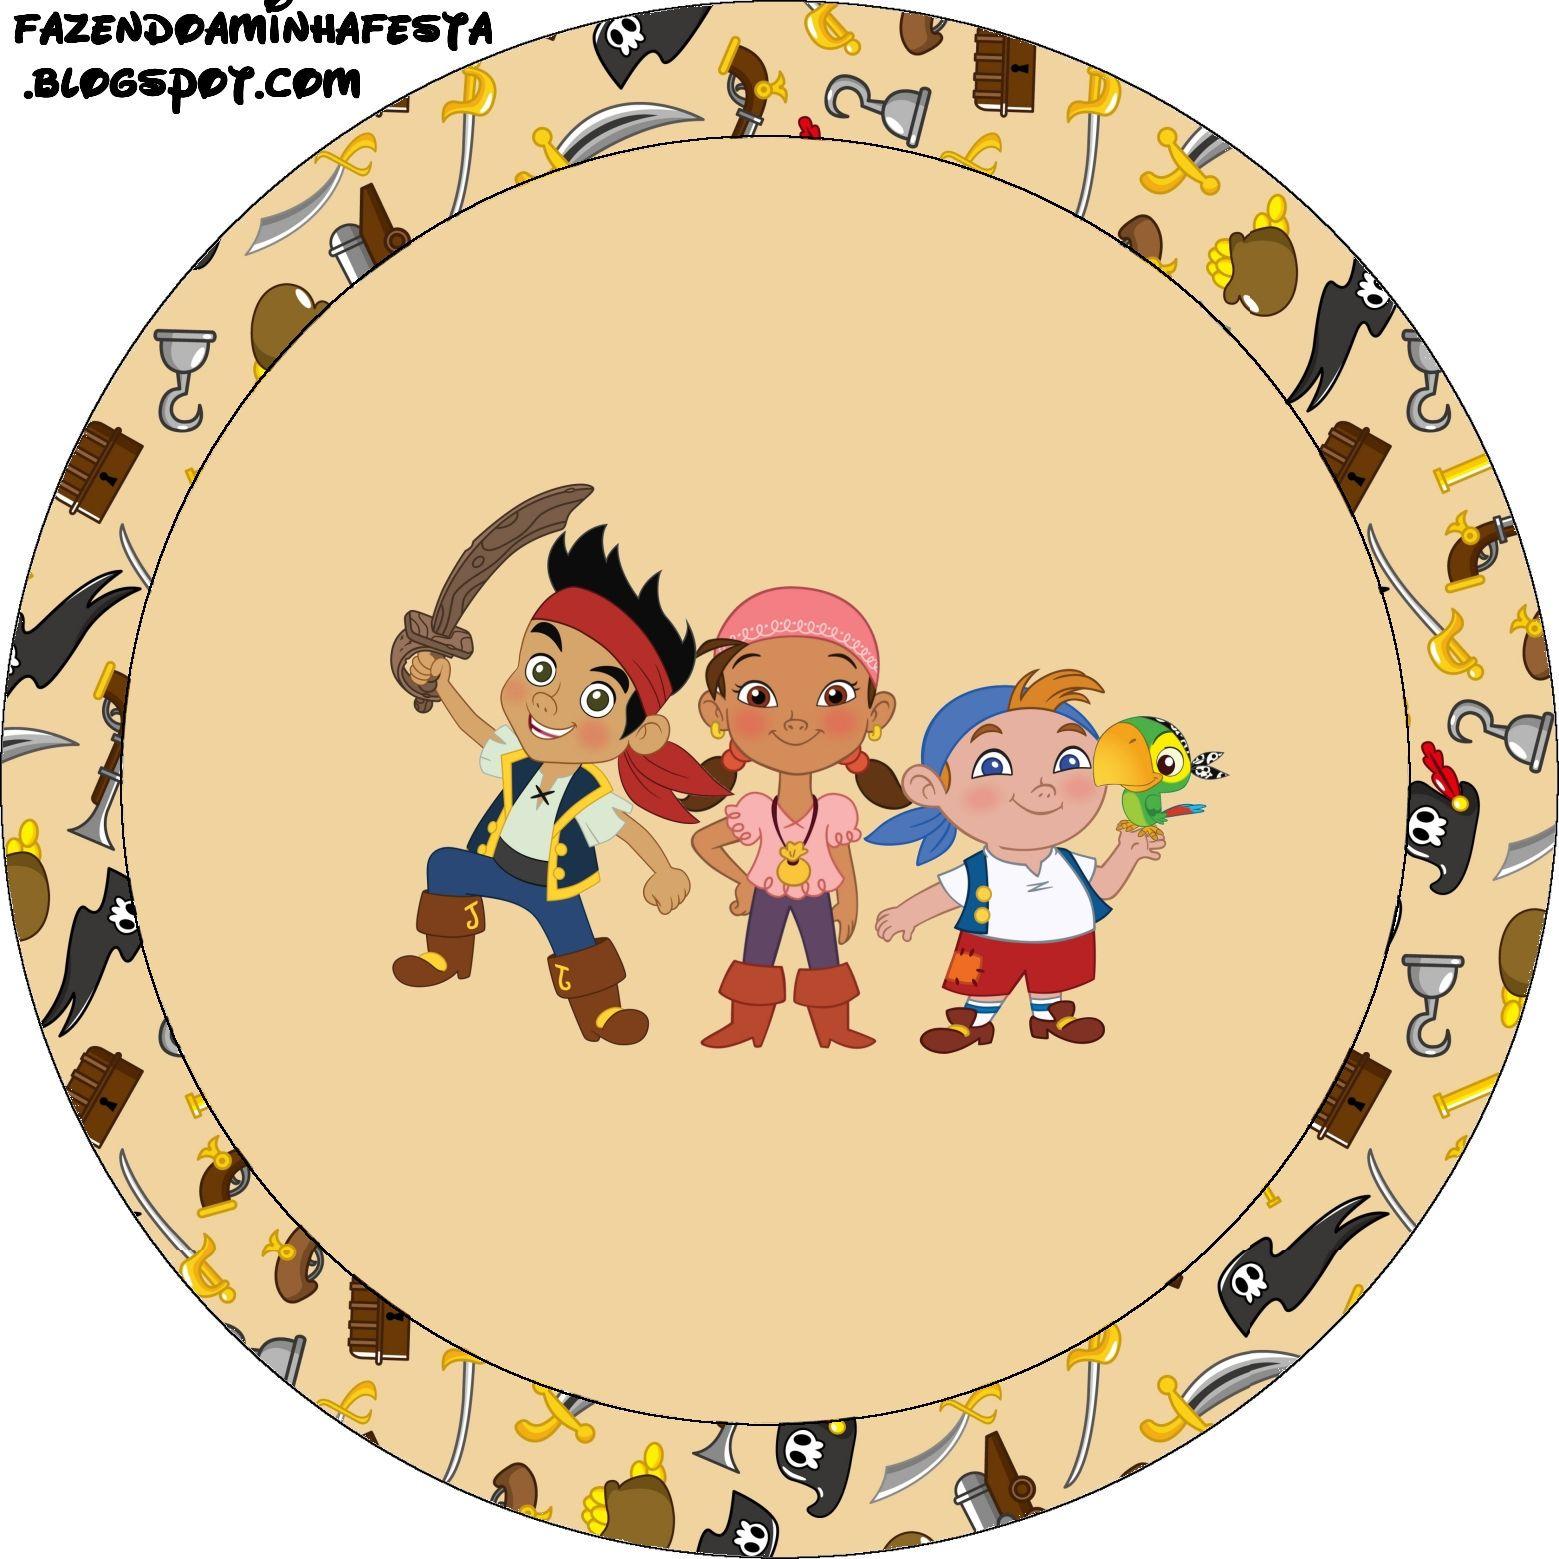 картинки пирата для печати на торт районе